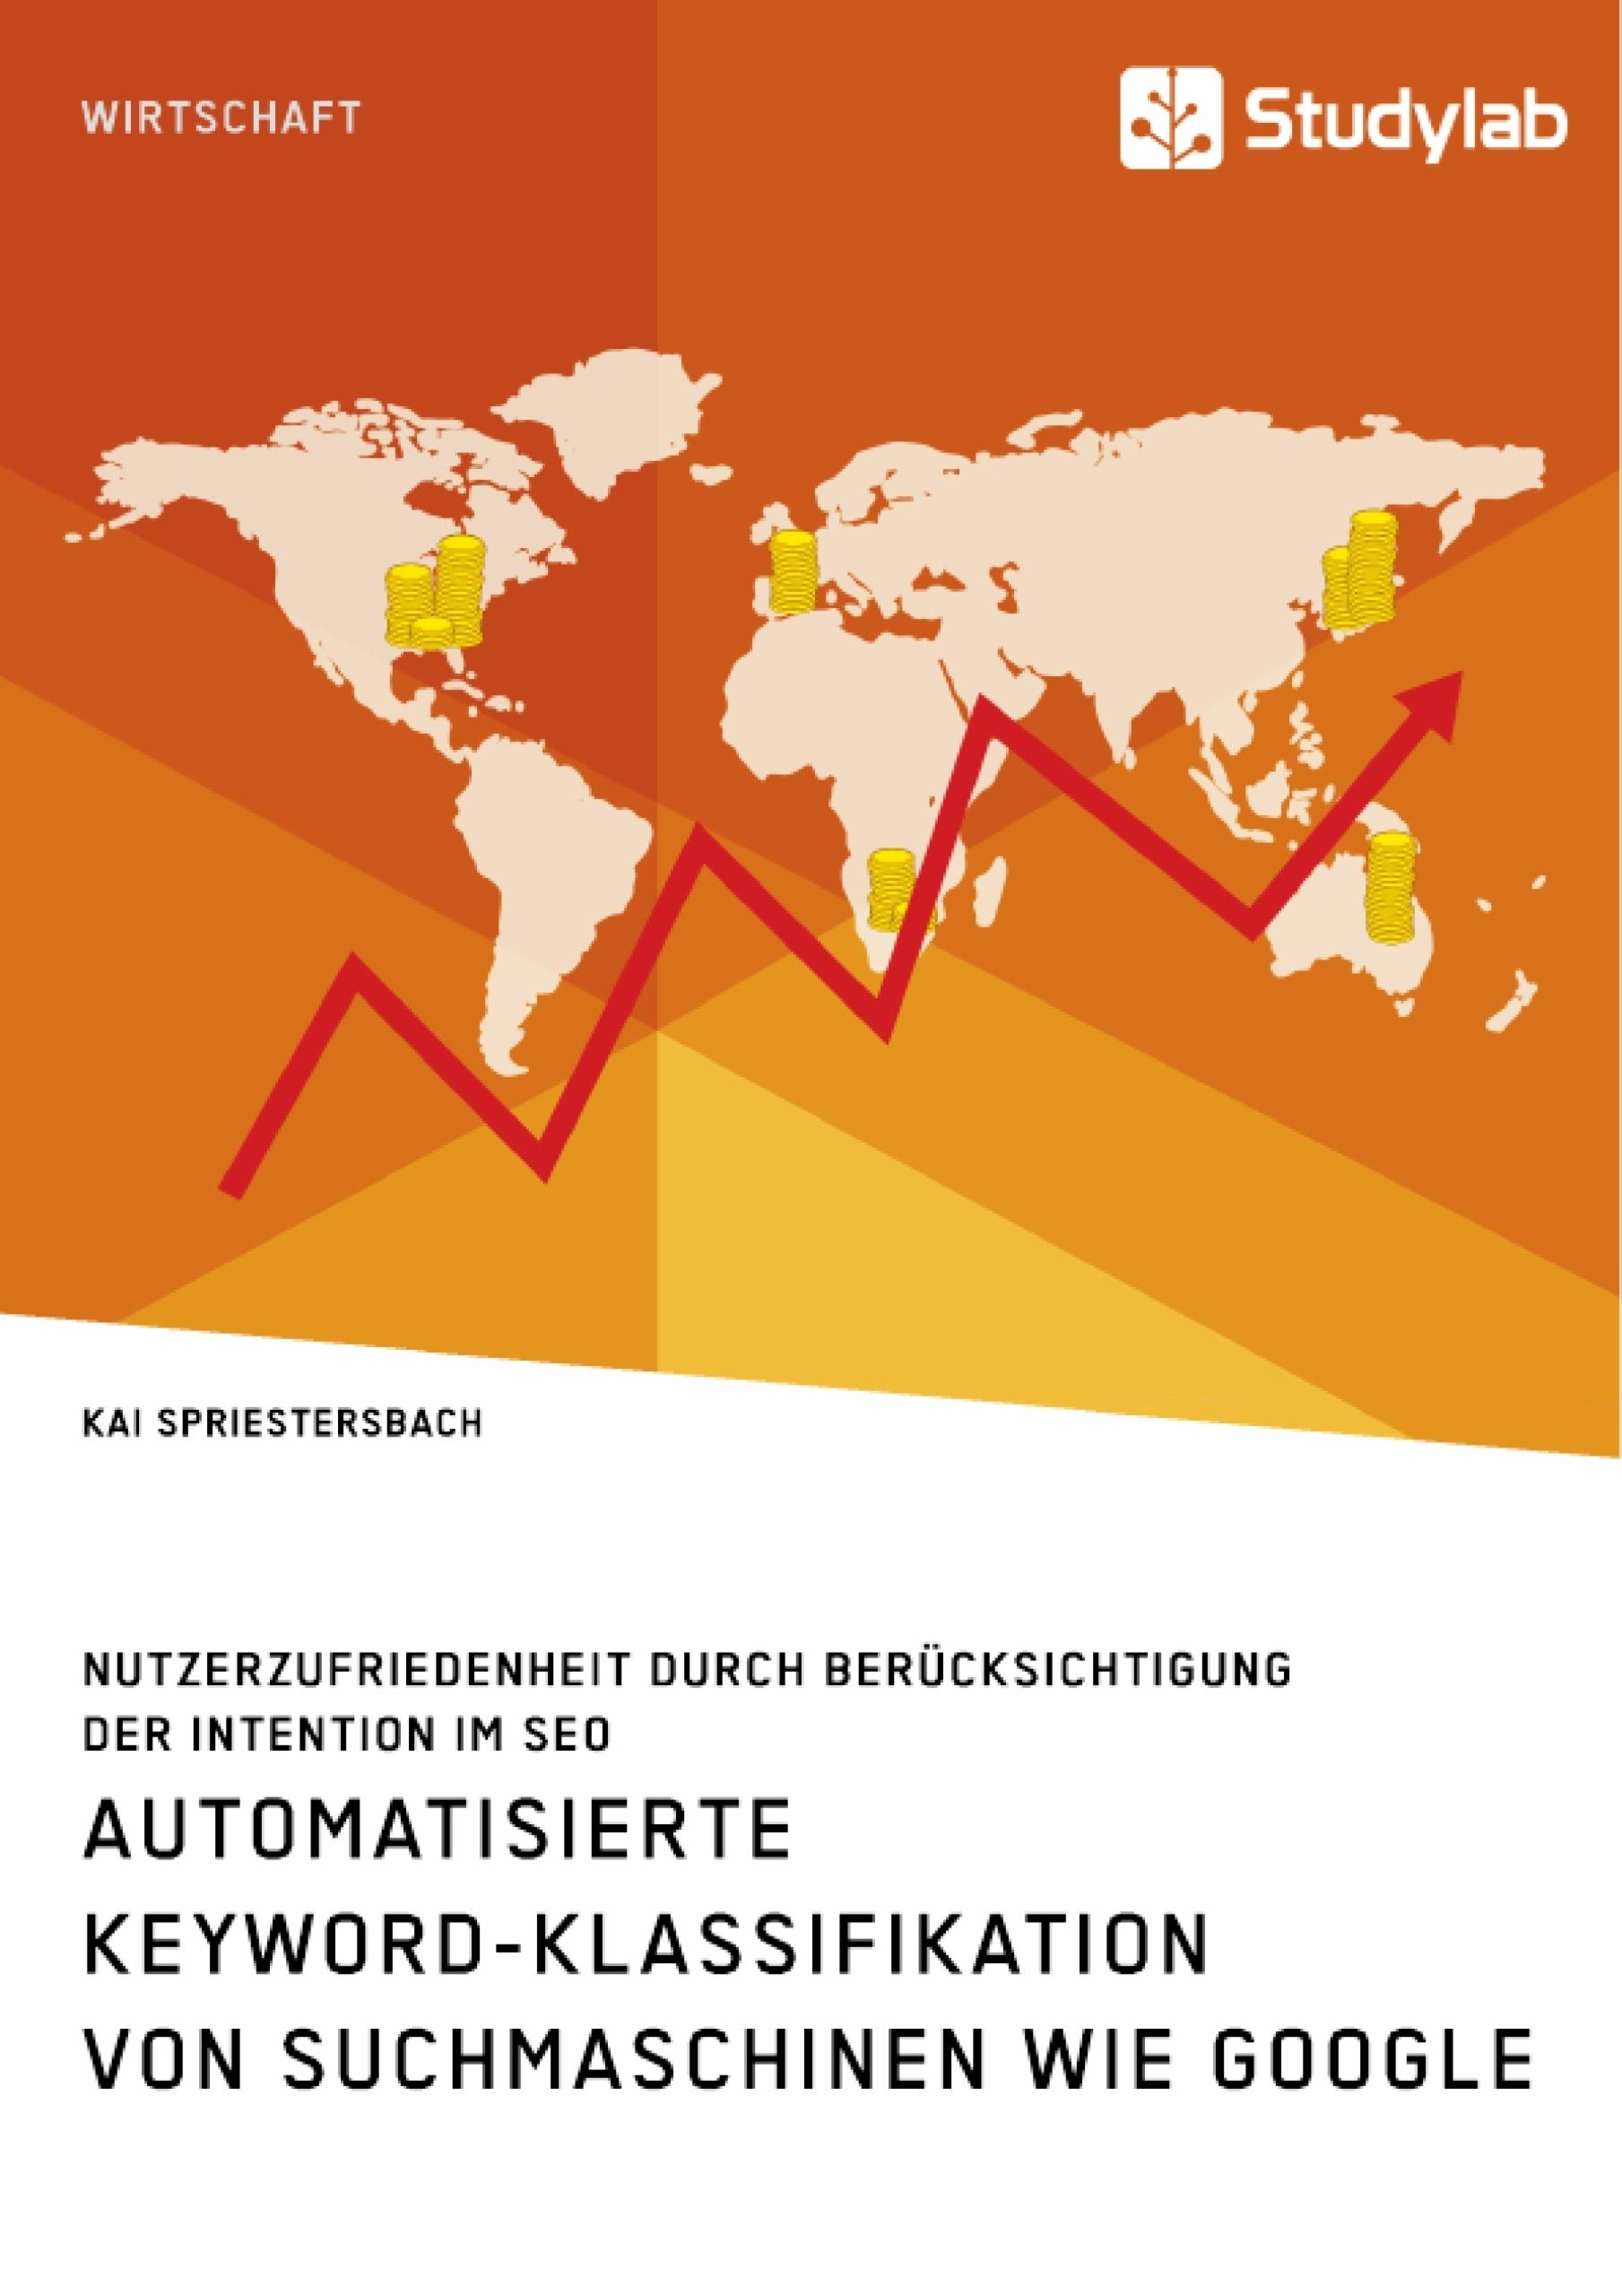 Titel: Automatisierte Keyword-Klassifikation von Suchmaschinen wie Google. Nutzerzufriedenheit durch Berücksichtigung der Intention im SEO